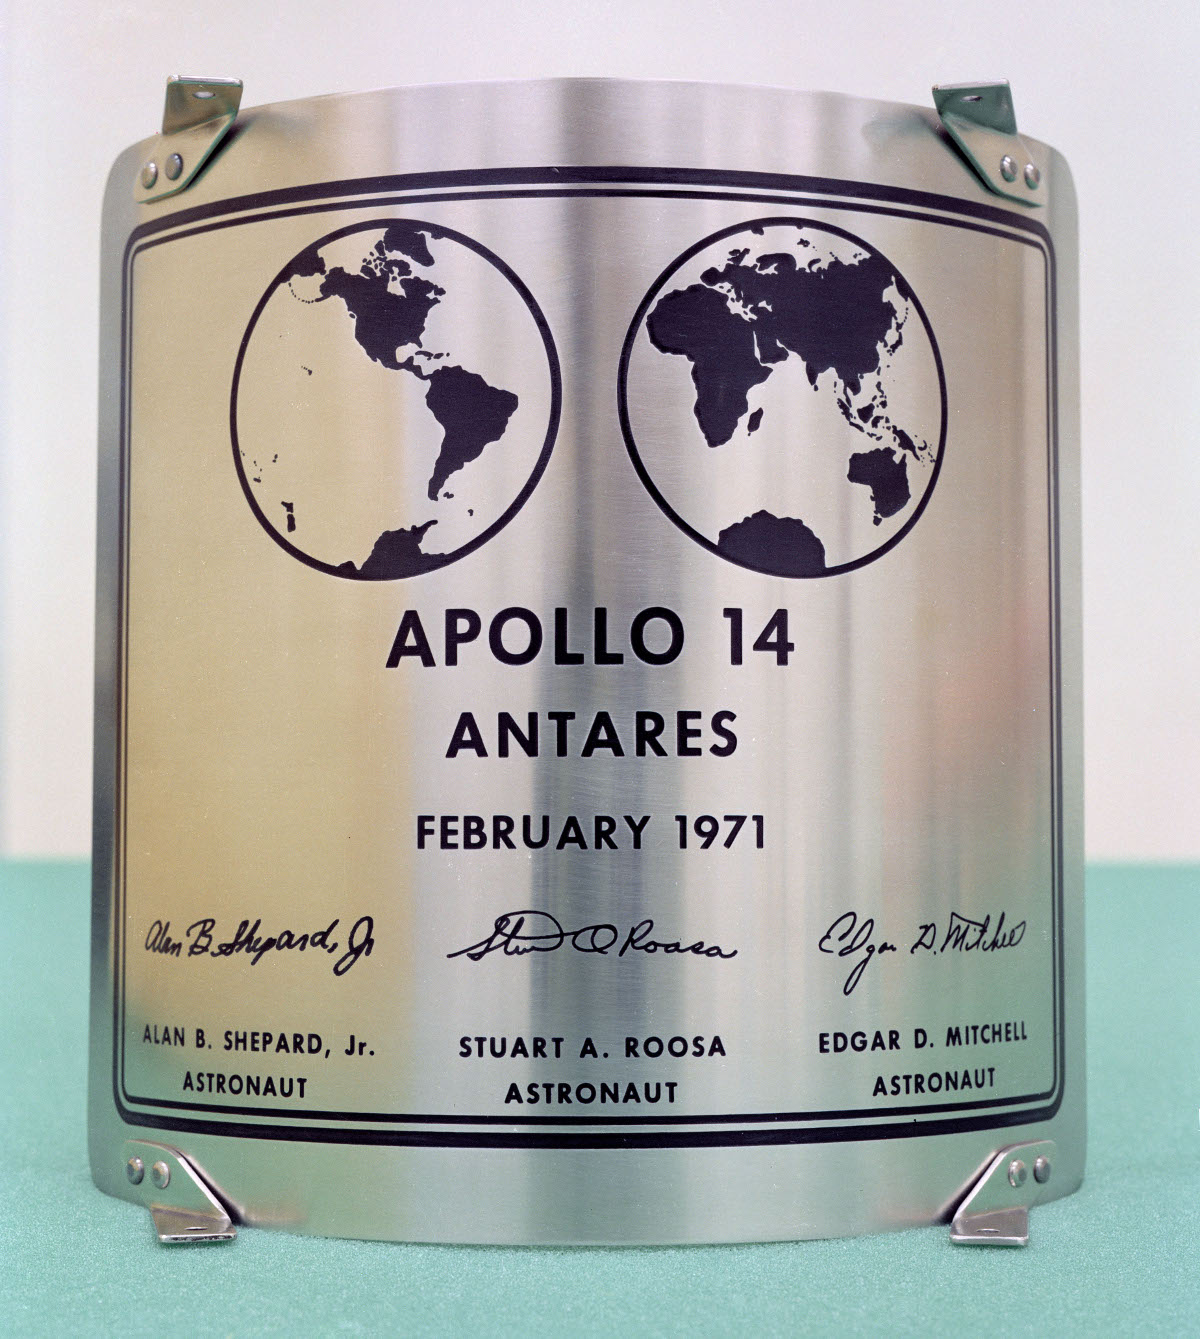 Placa dejada en la etapa de descenso del módulo lunar Antares (Apolo 14).